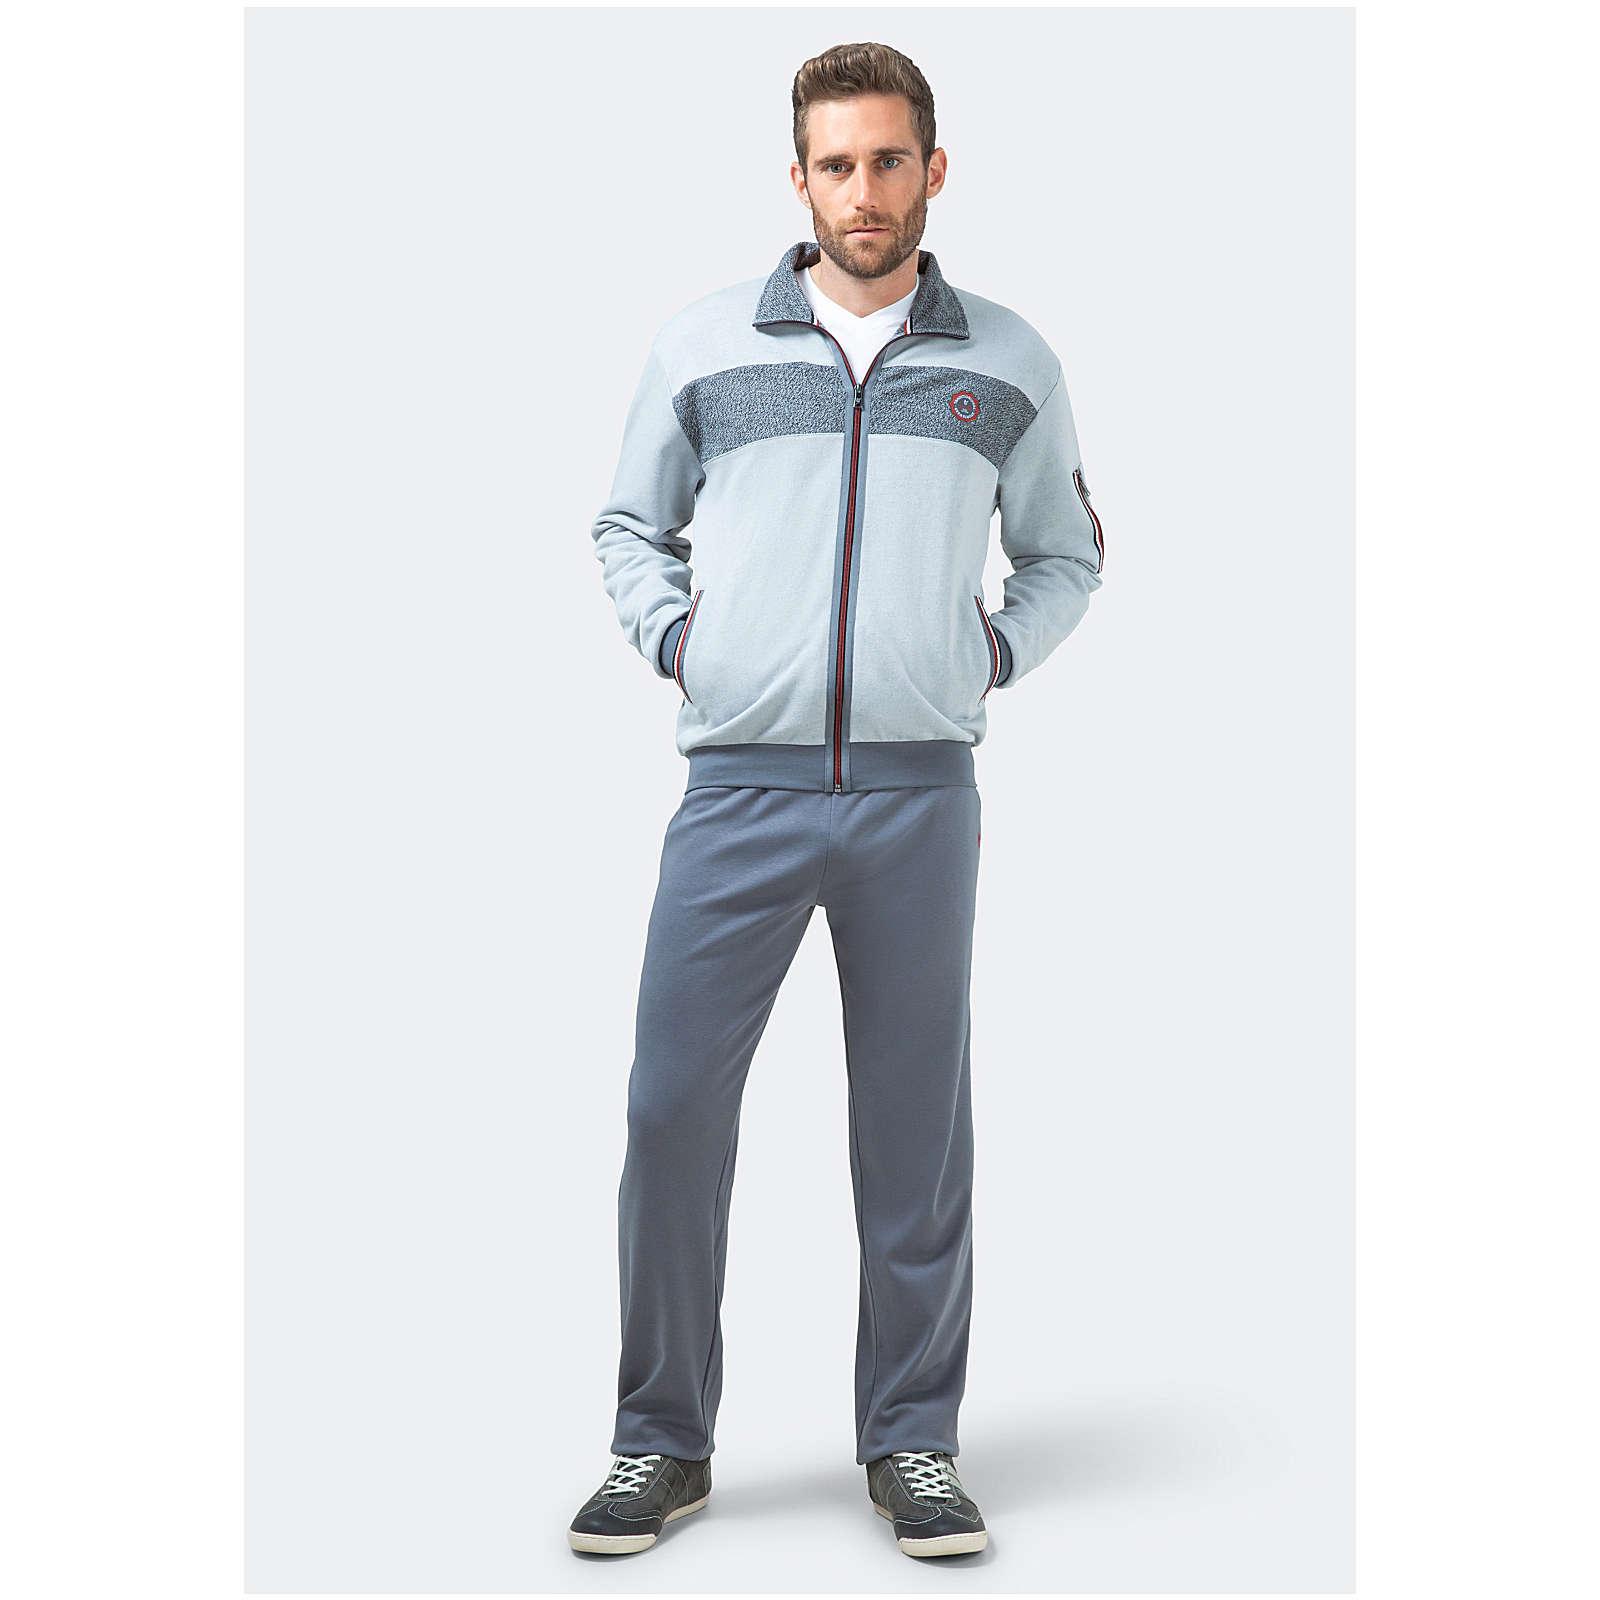 Hajo Homewear-Anzug Anzüge hellgrau Herren Gr. 50